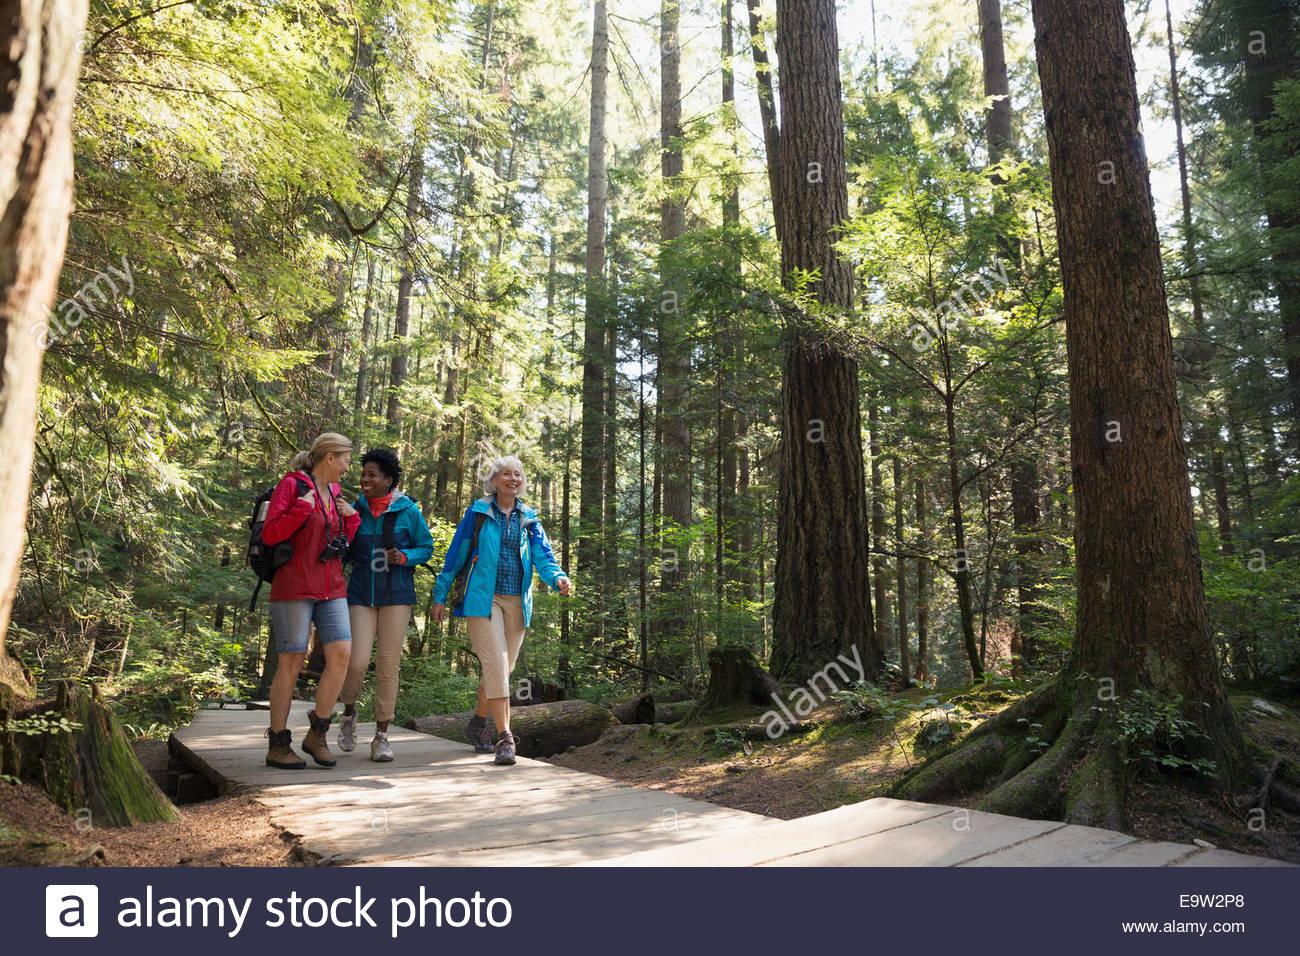 Women hiking on footbridge below trees in woods - Stock Image